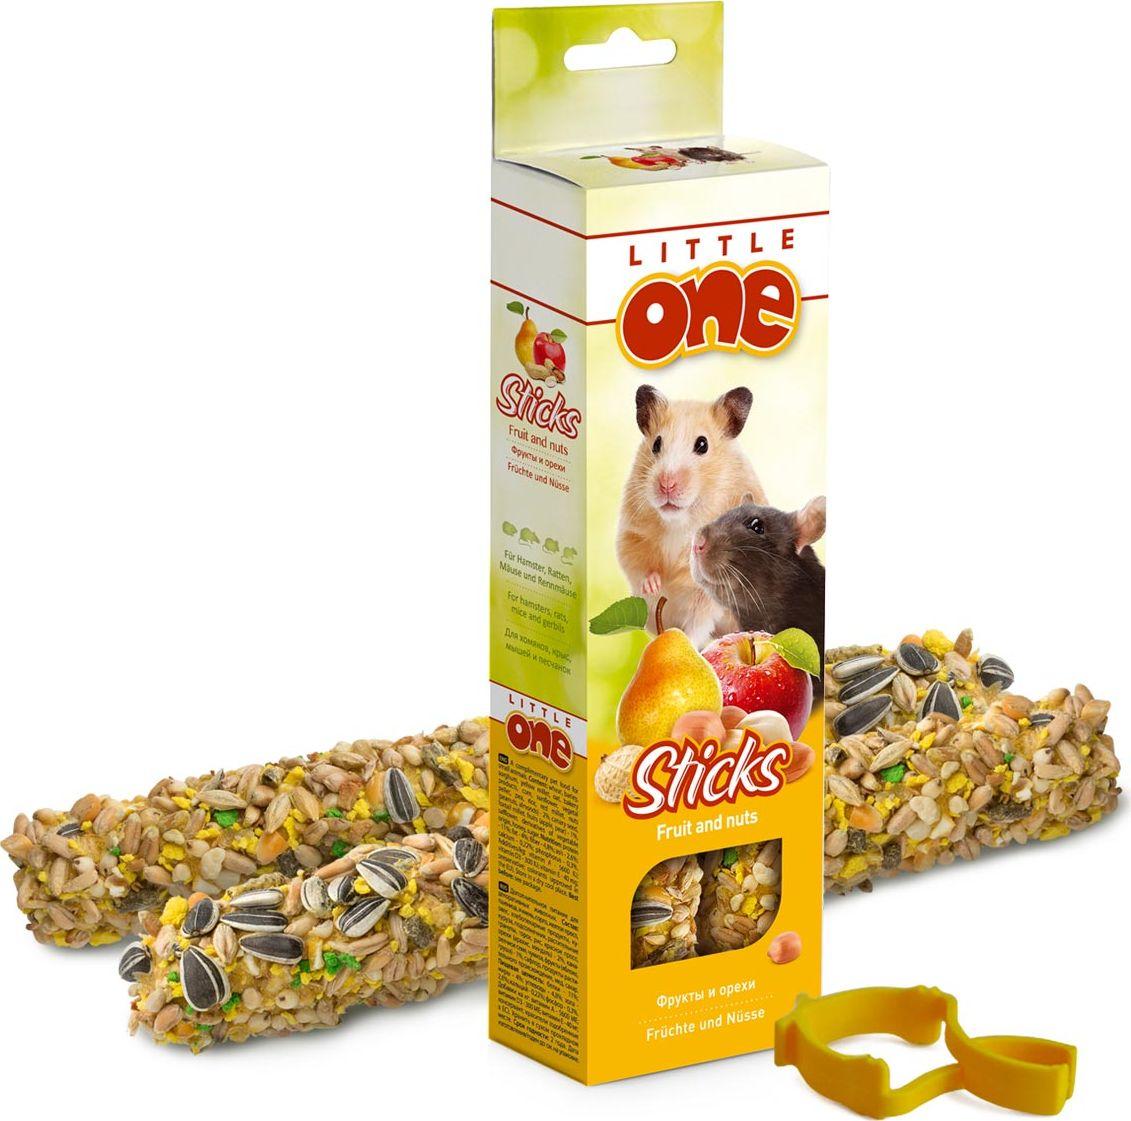 """Лакомство для хомяков, крыс, мышей и песчанок Little One """"Sticks"""", с фруктами и орехами, 2 х 60 г"""